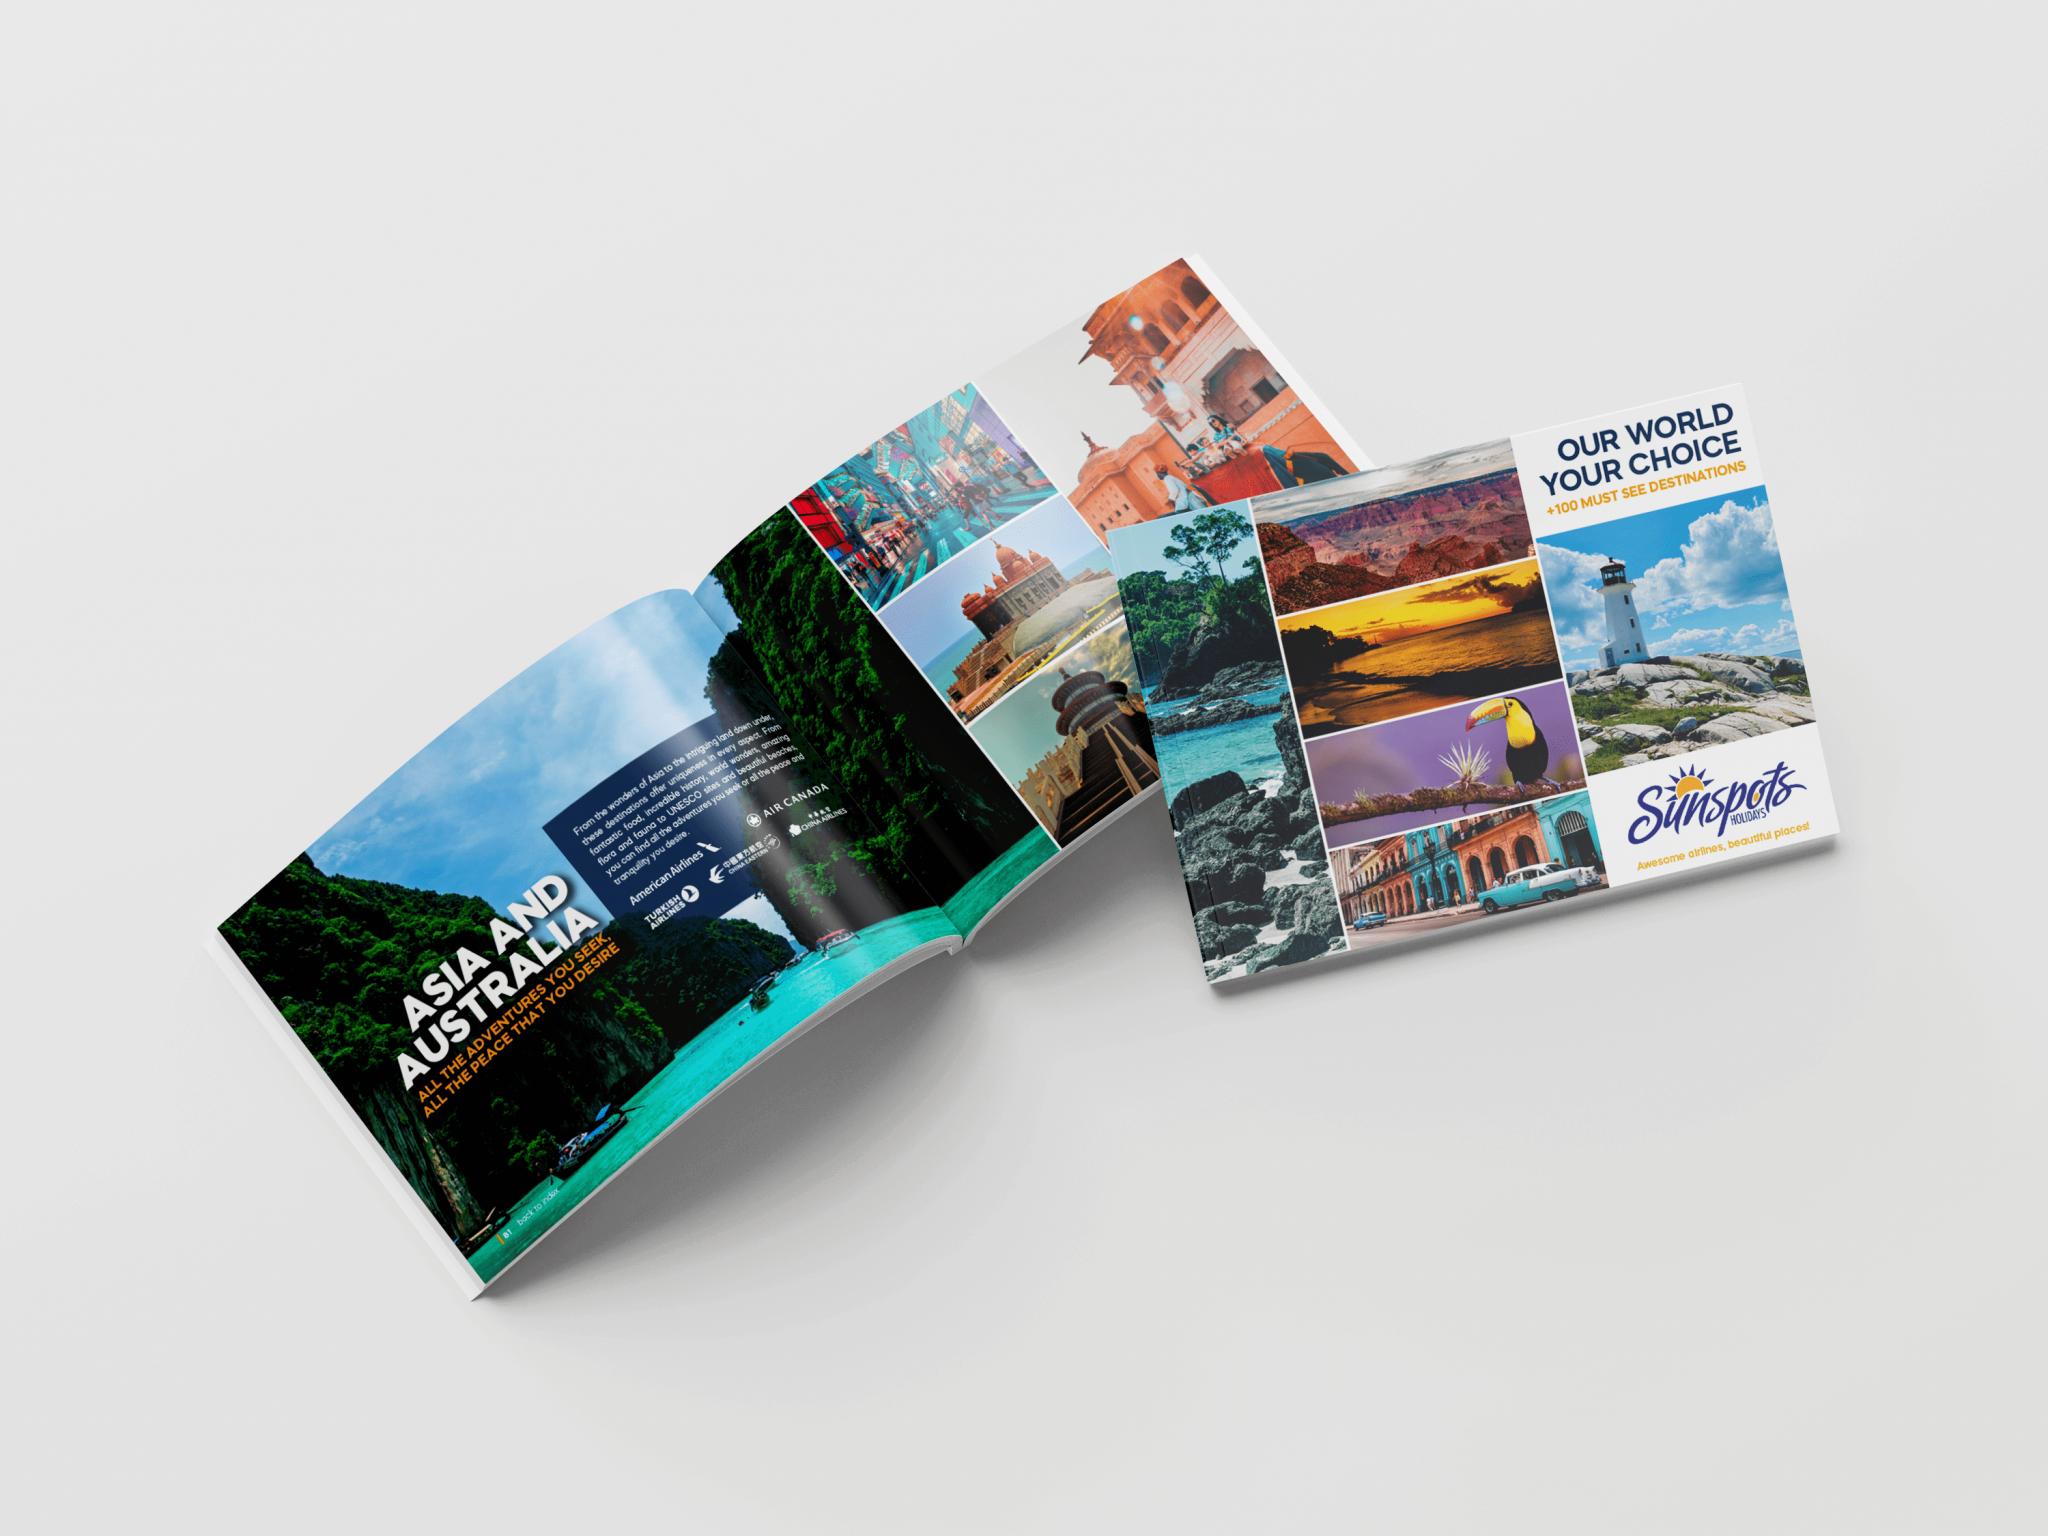 Criação de catálogo Sunspots Holidays - capa e miolo